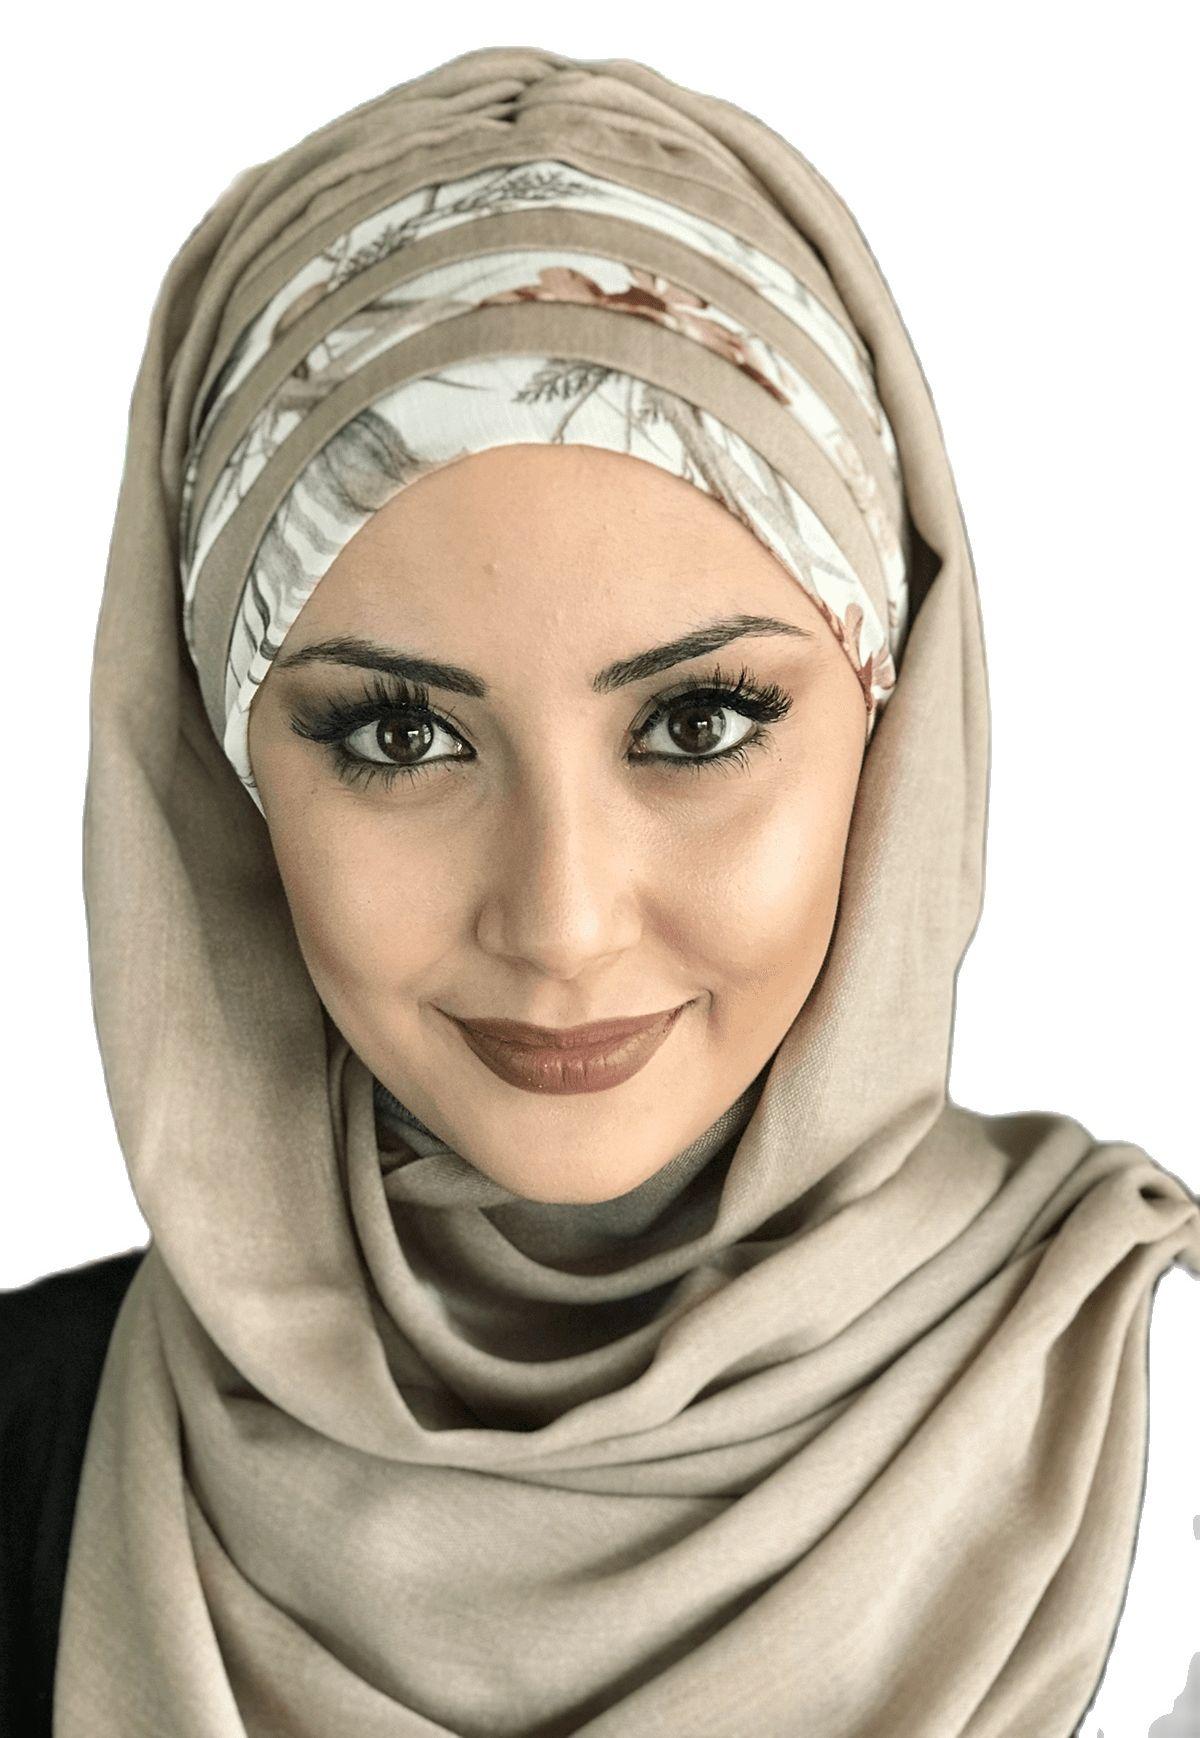 Новая мода мусульманский хиджаб исламский 2021 шарф шапка кости шарф шифон Тюрбан Хиджаб светильник, цвета: бежевый, серый, светильник Drapeli готов шаль|Мусульманская одежда|   | АлиЭкспресс